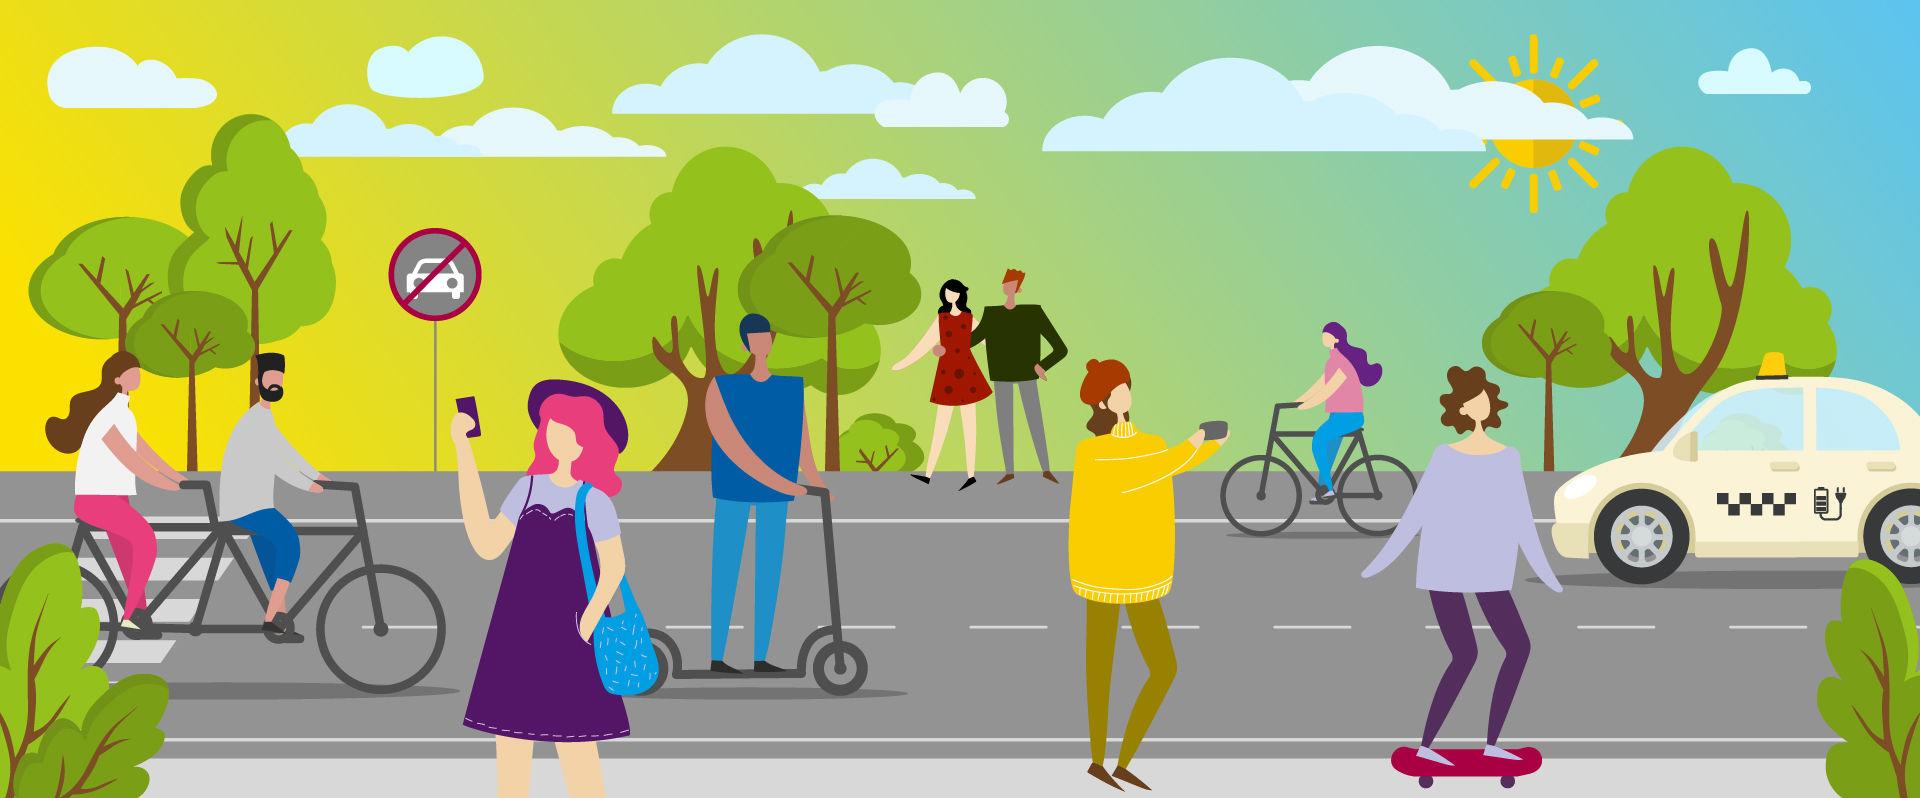 UmsteiGERN-Grafik mit klimafreundlichen Verkehrsmitteln wie Fahrrad oder E-Taxi für das Projekt Emissionsfreie Innenstadt Dortmund